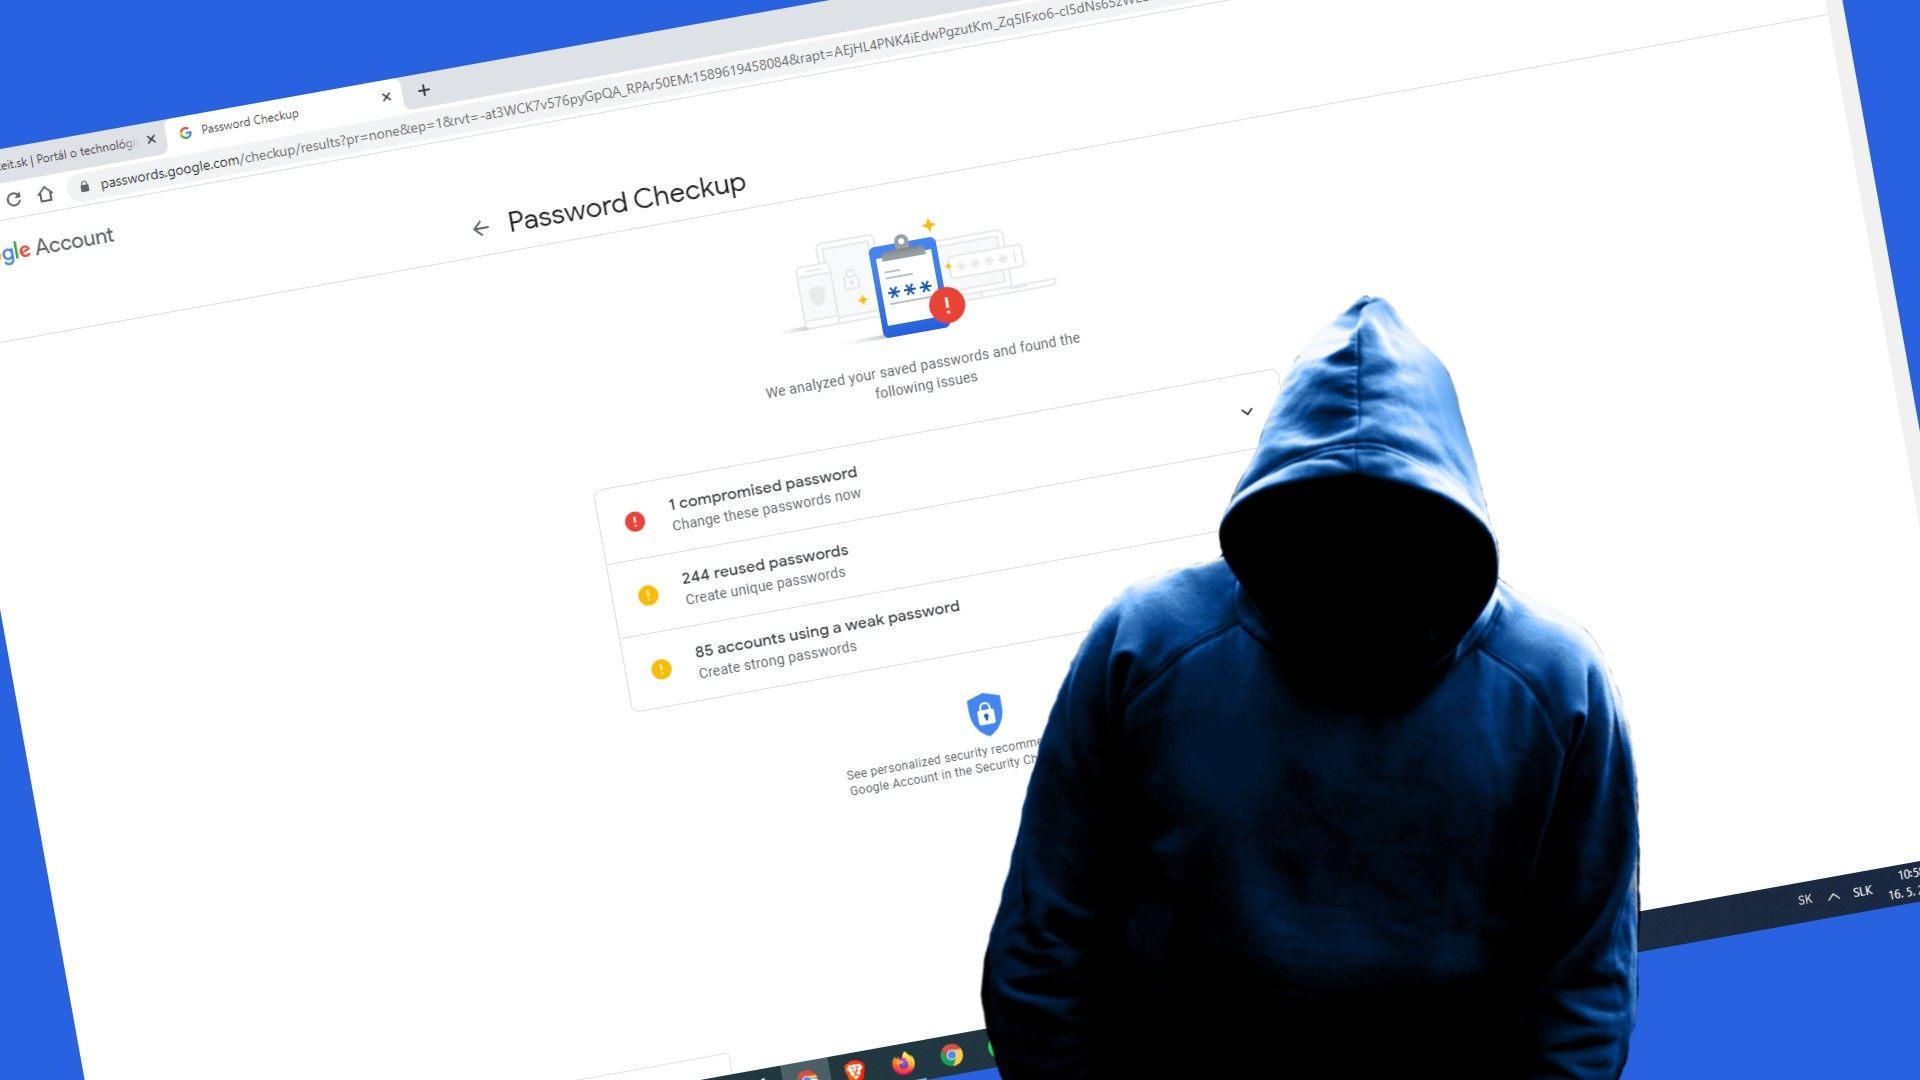 Ako skontrolovat ci heslo nebolo hacknute_uvodny obrazok